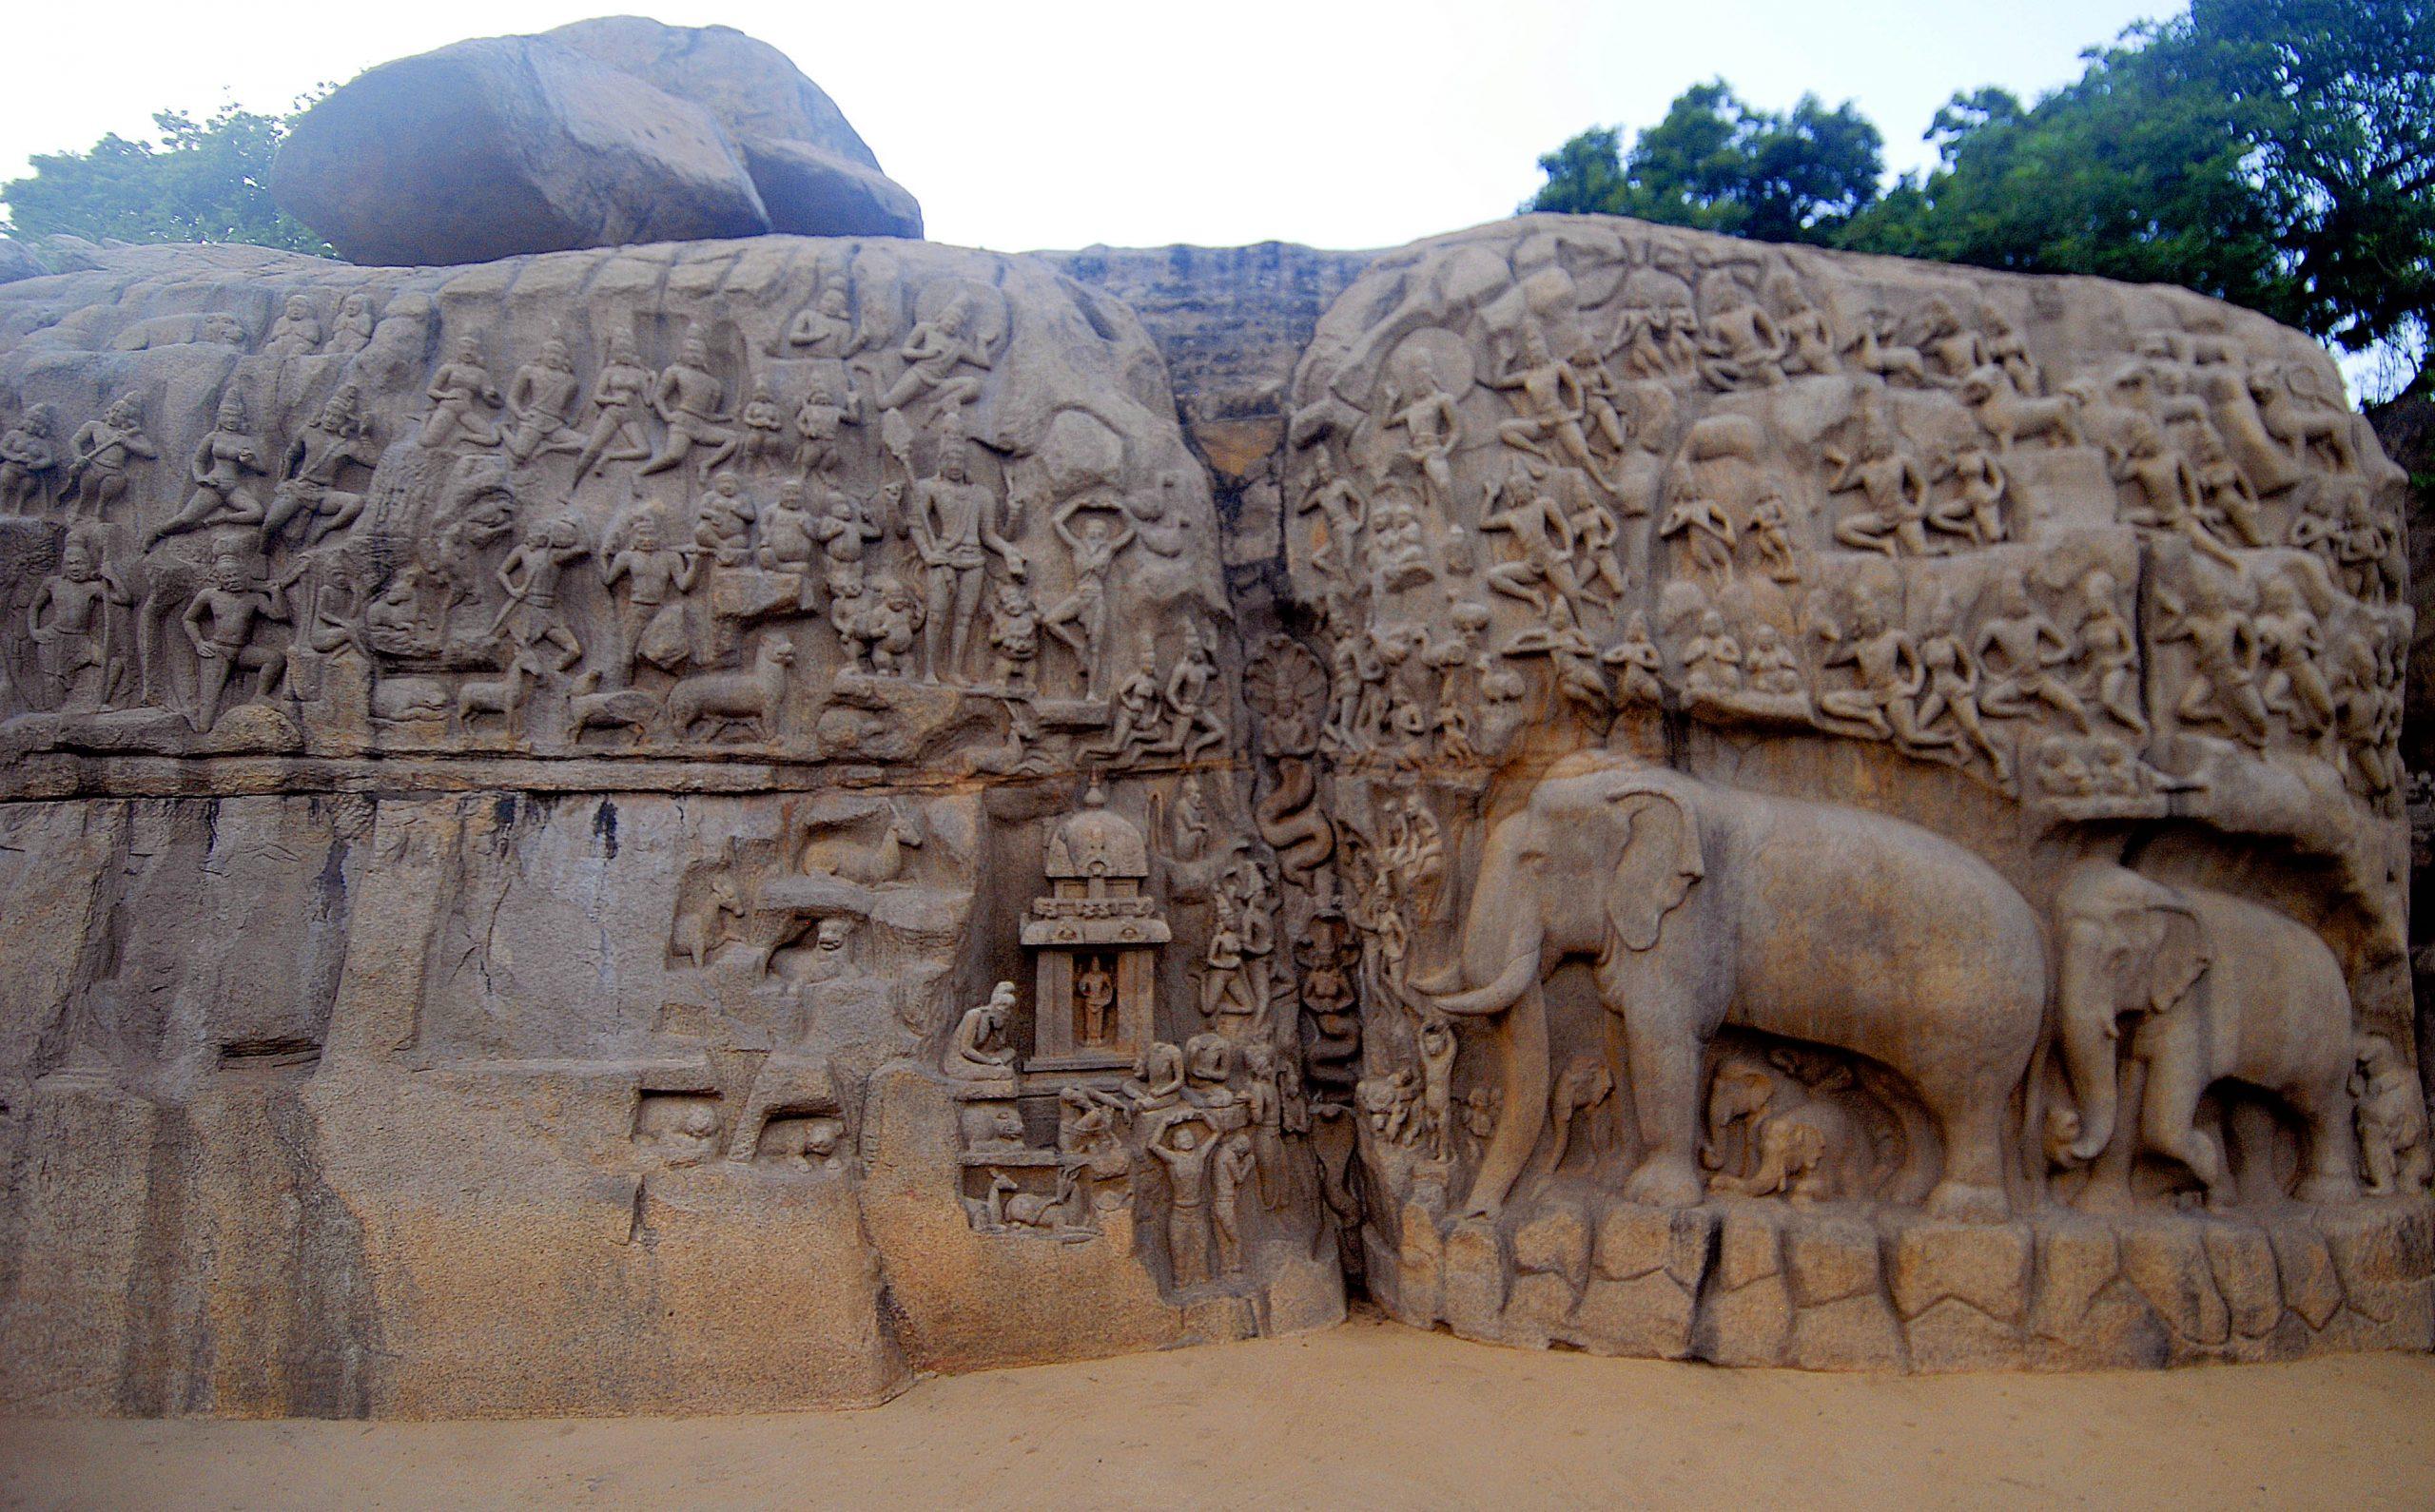 Ancient art in Mahabalipuram.